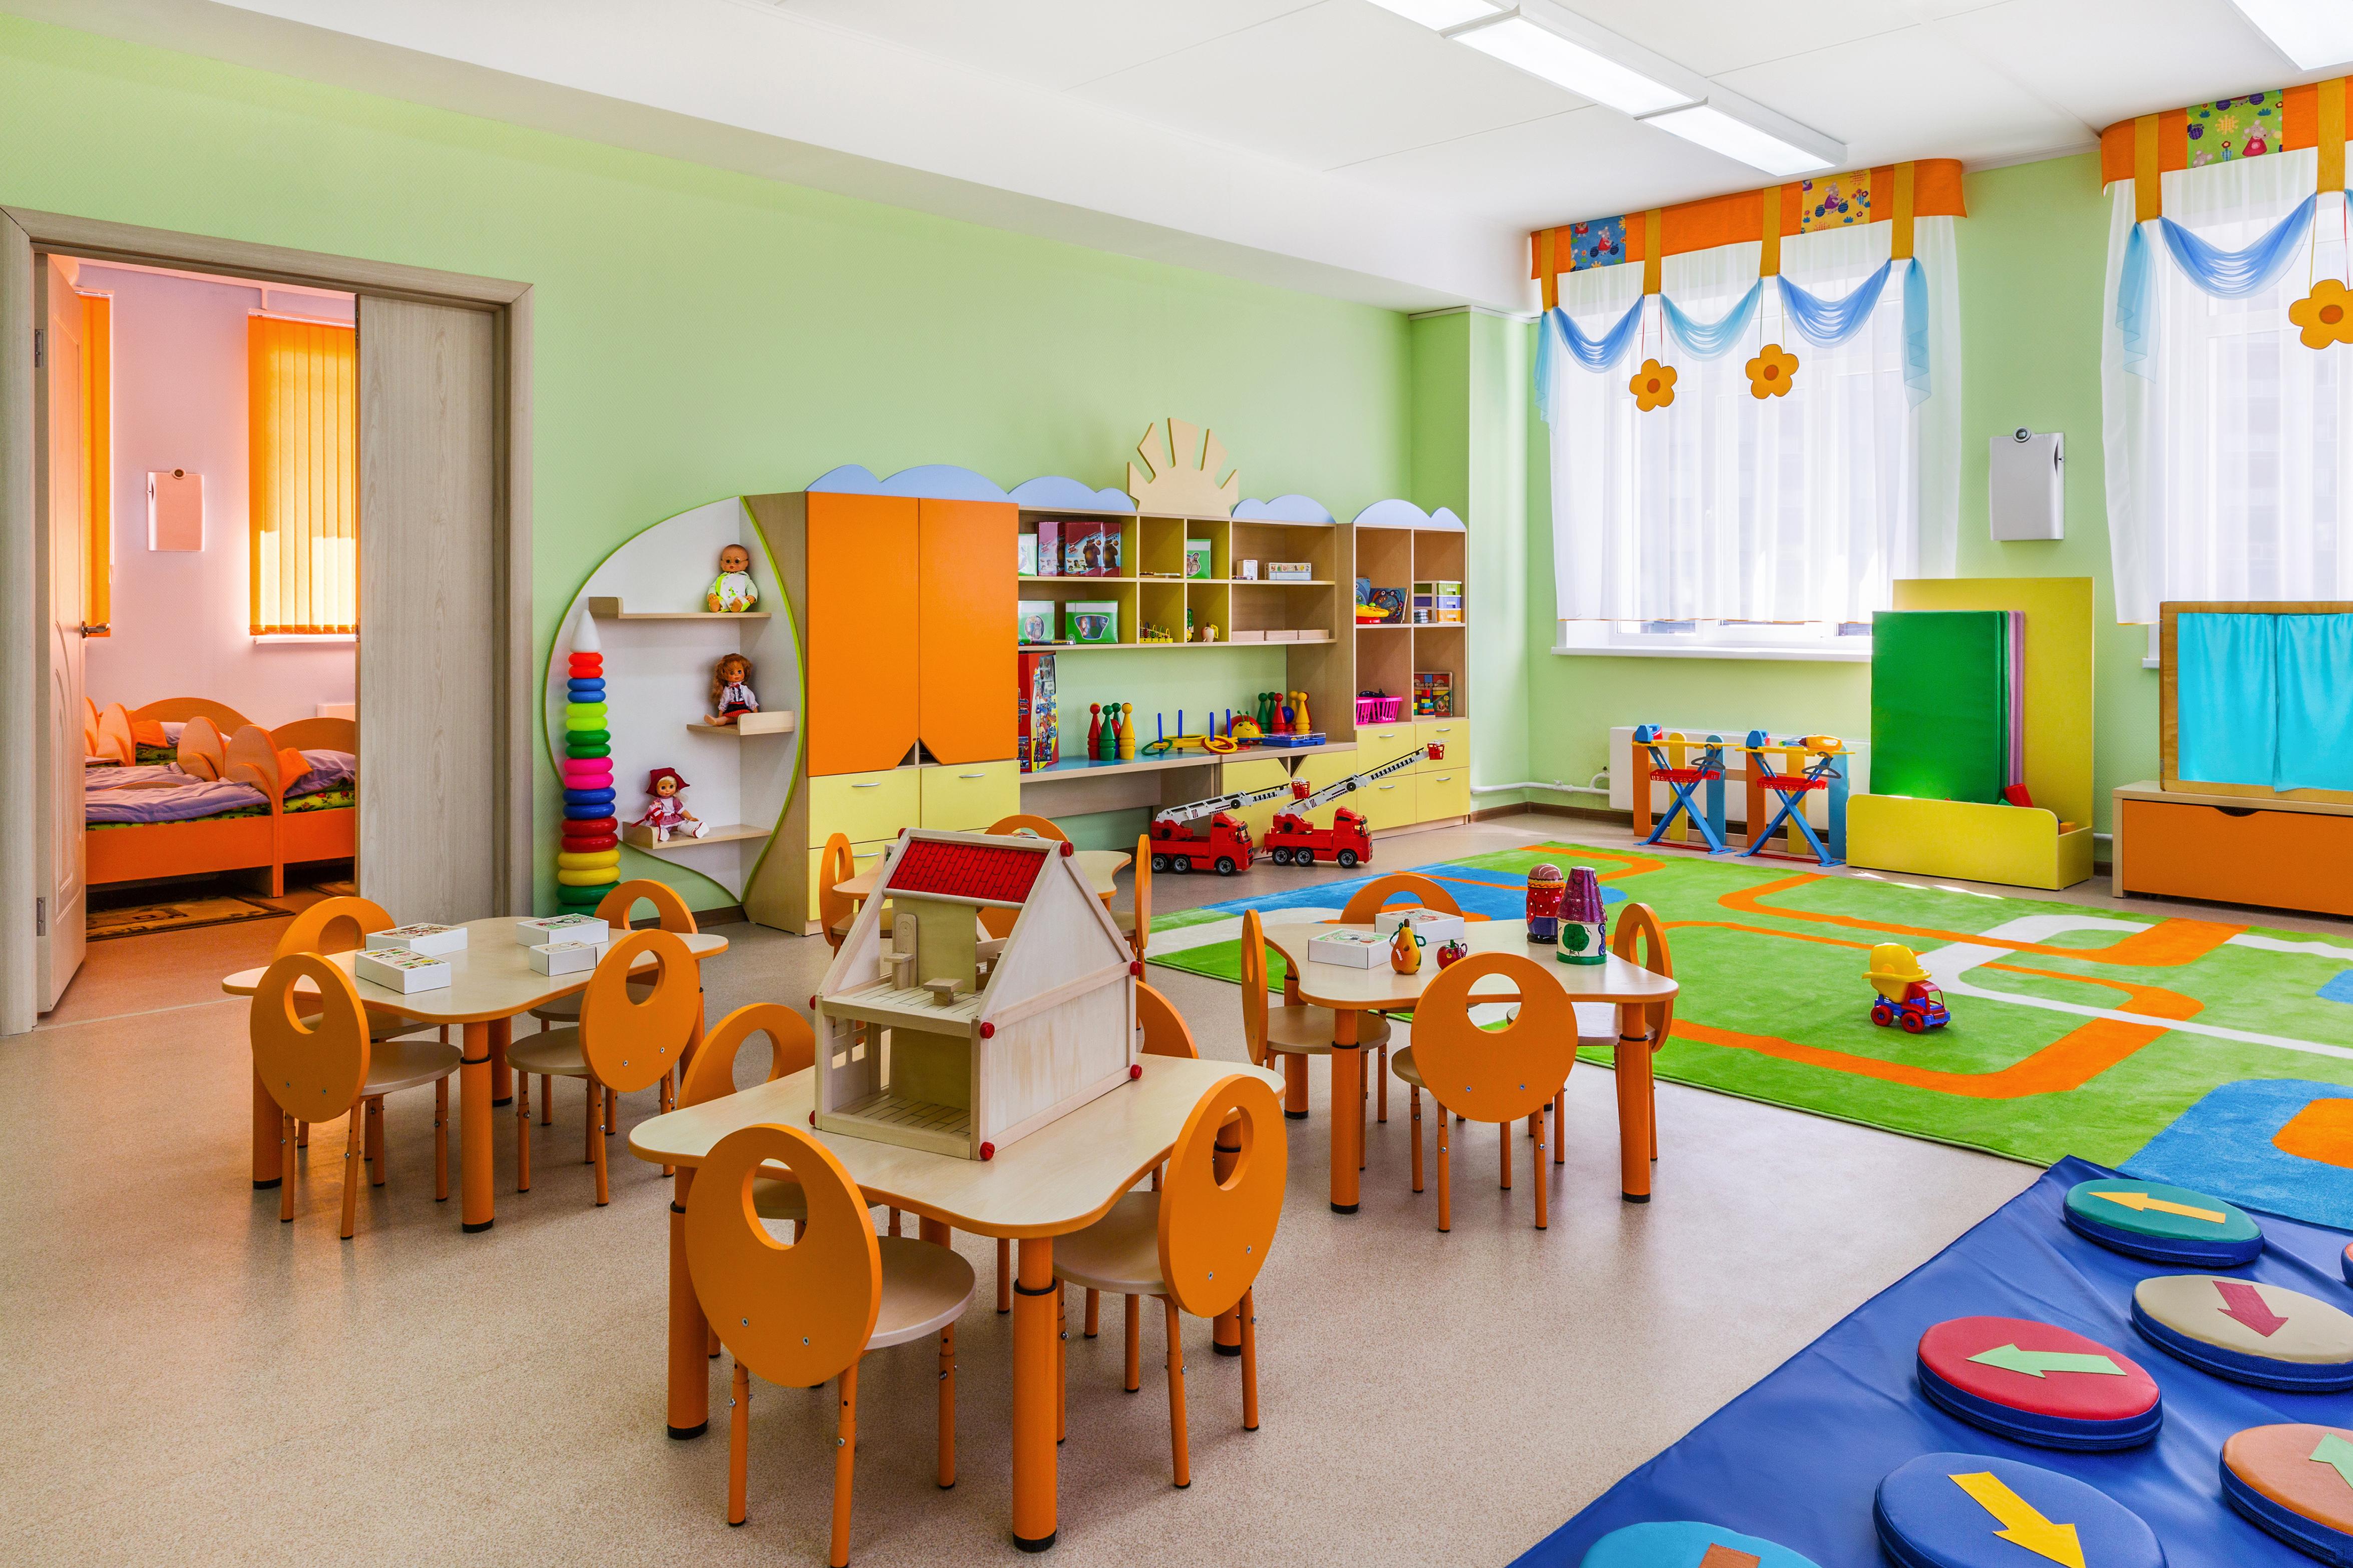 KAM SCHOOL